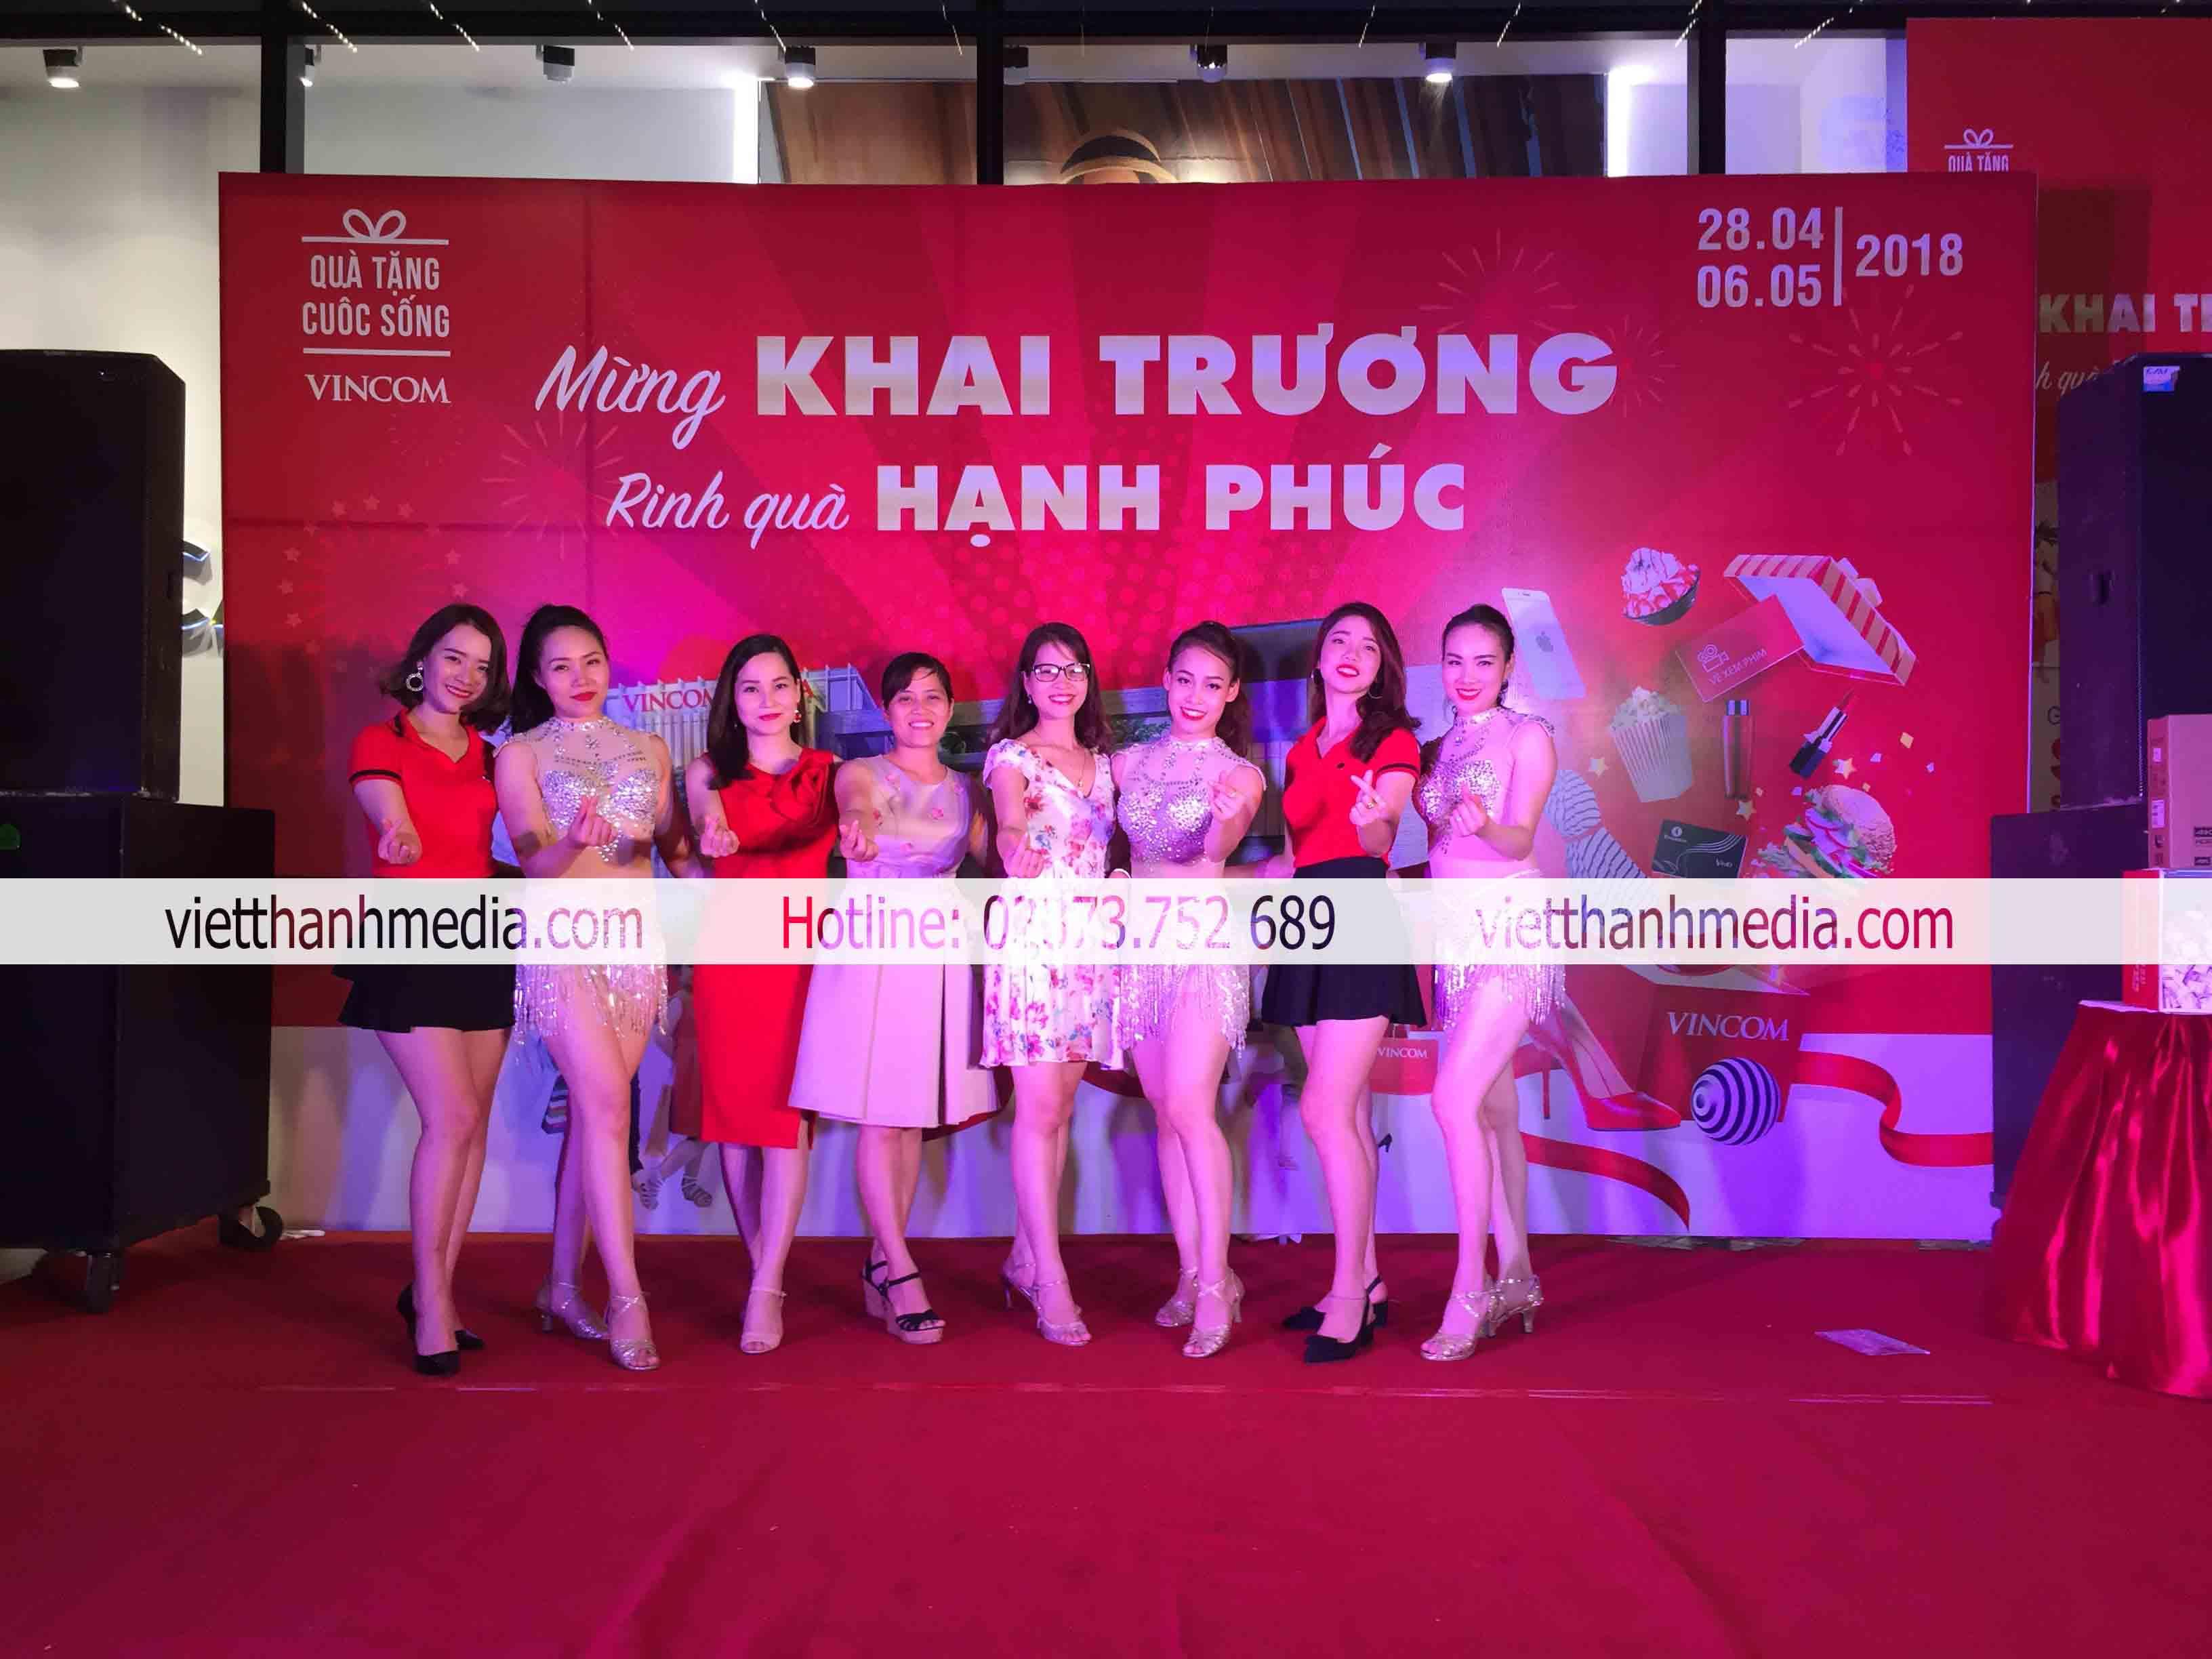 Khai trương Trung tâm thương mại Vincom Plaza Thanh Hóa